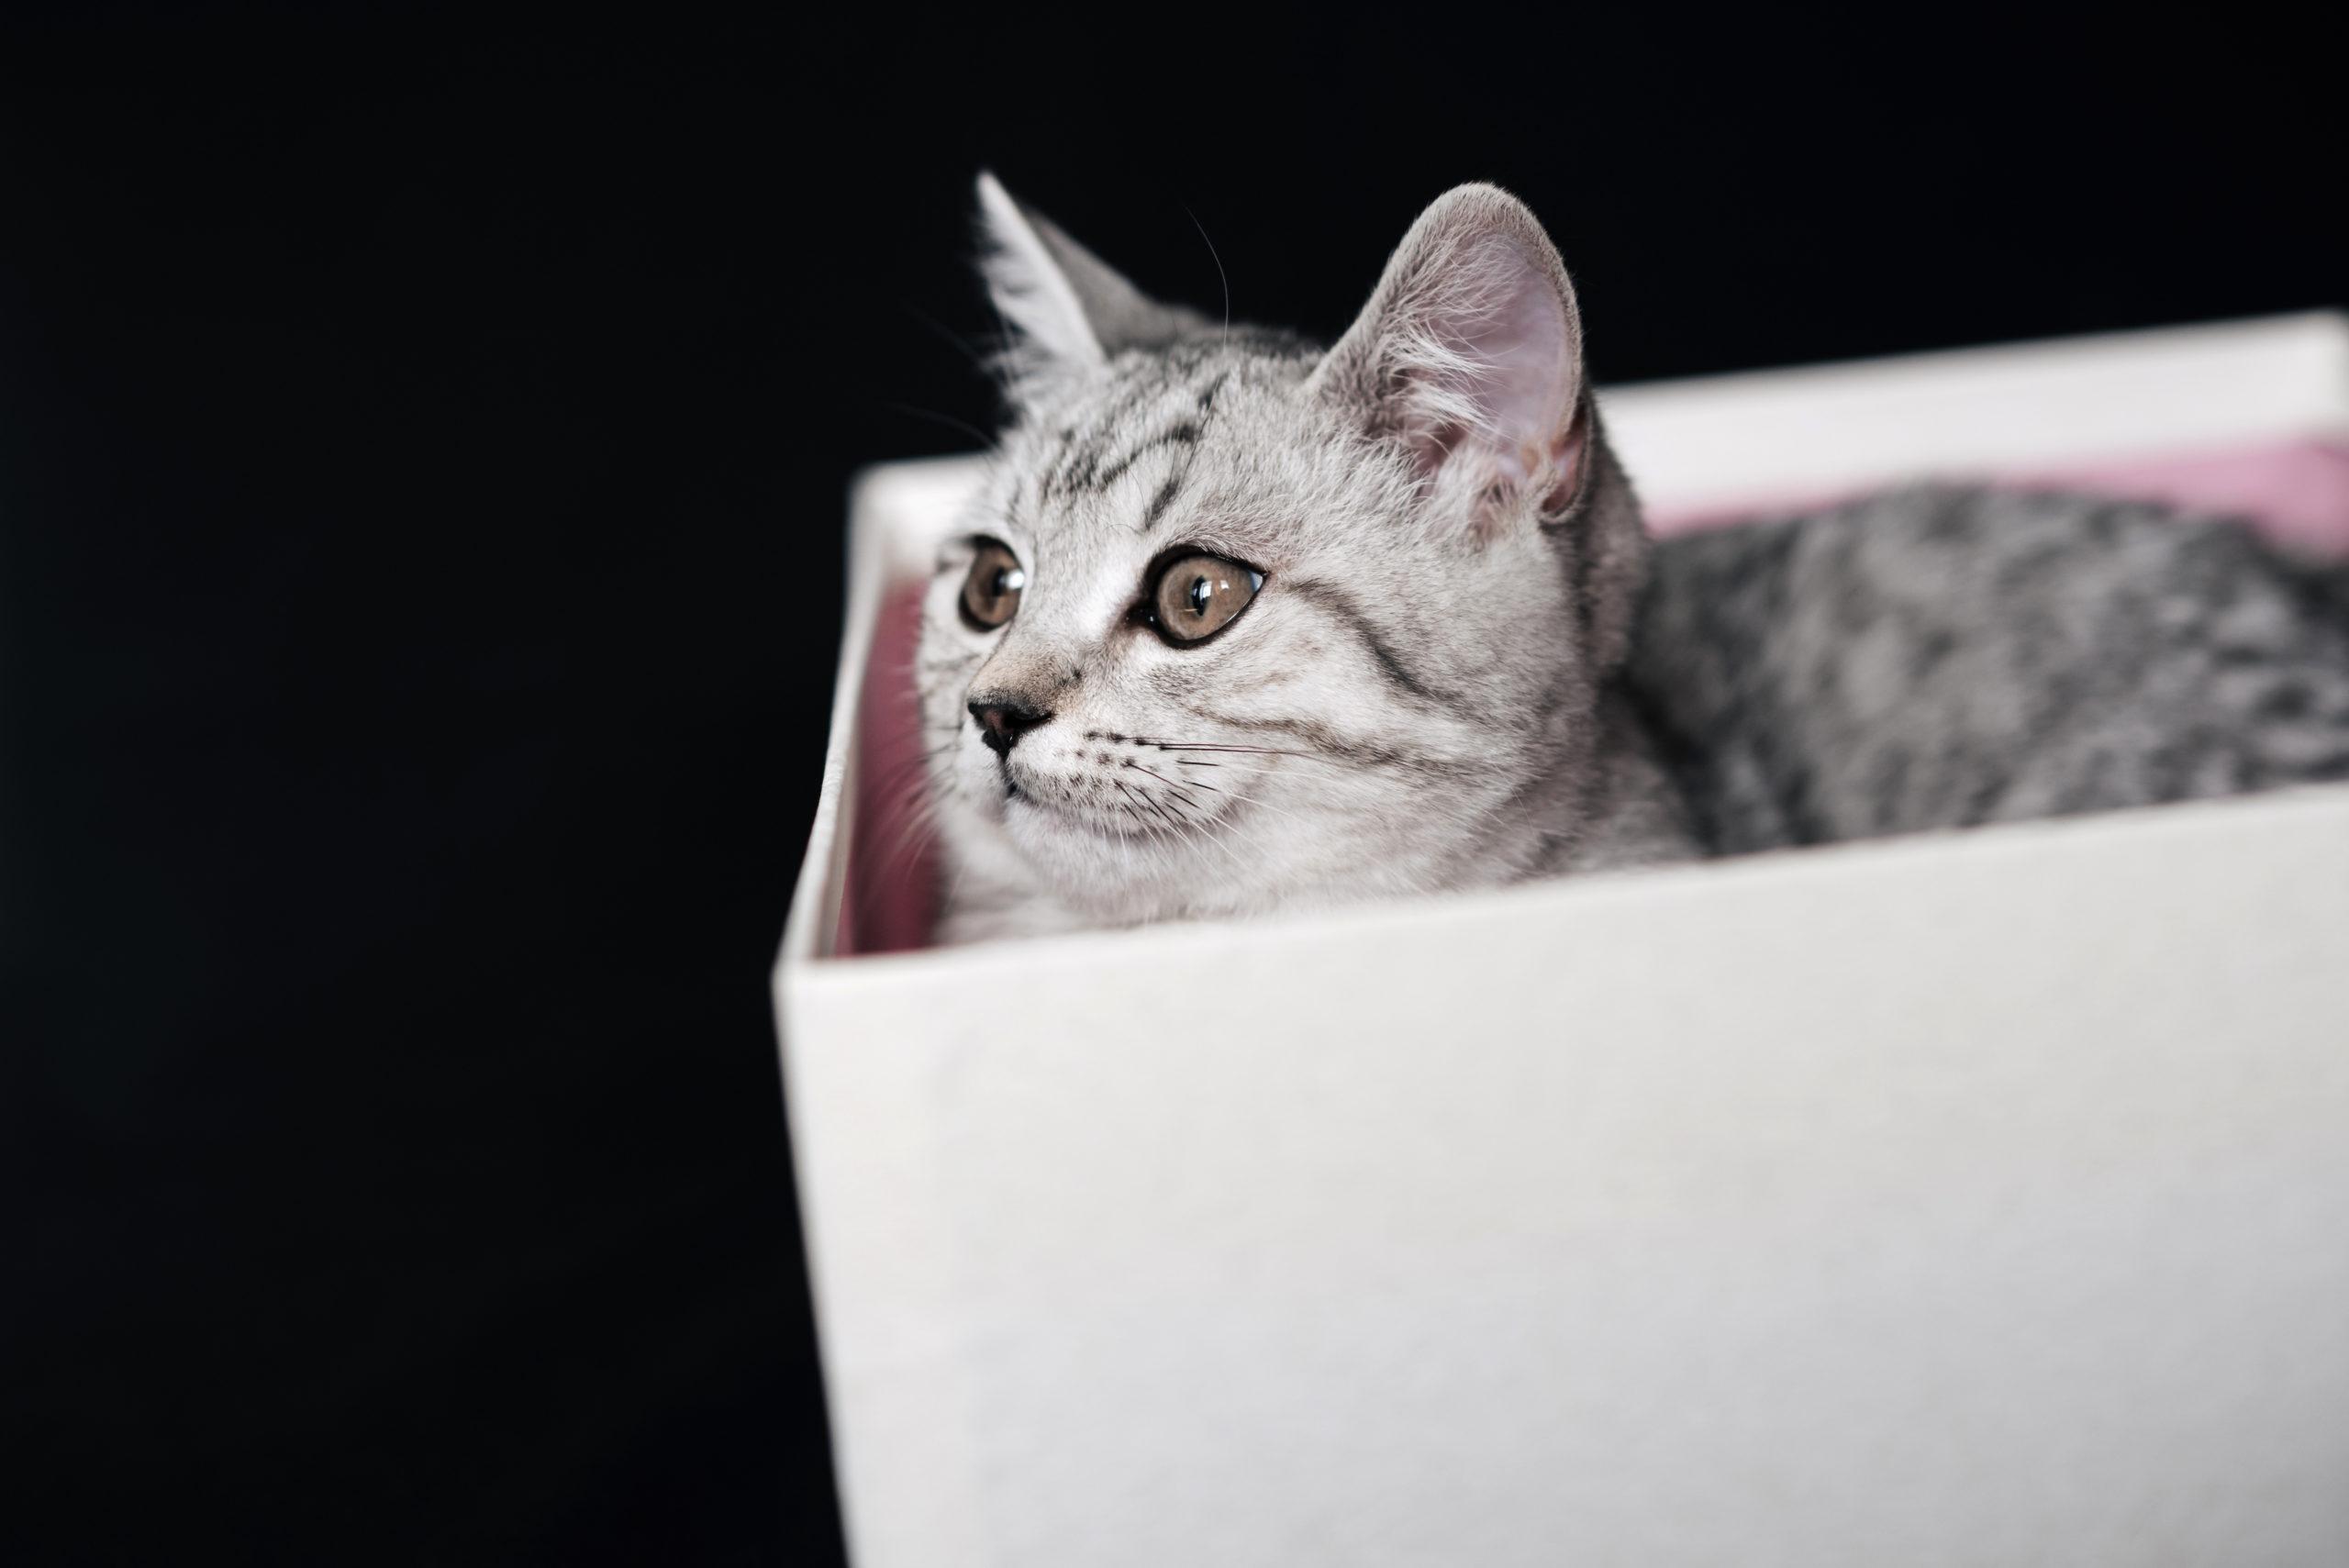 ネコが段ボール箱を好きな理由3つ【理由は安心感です】